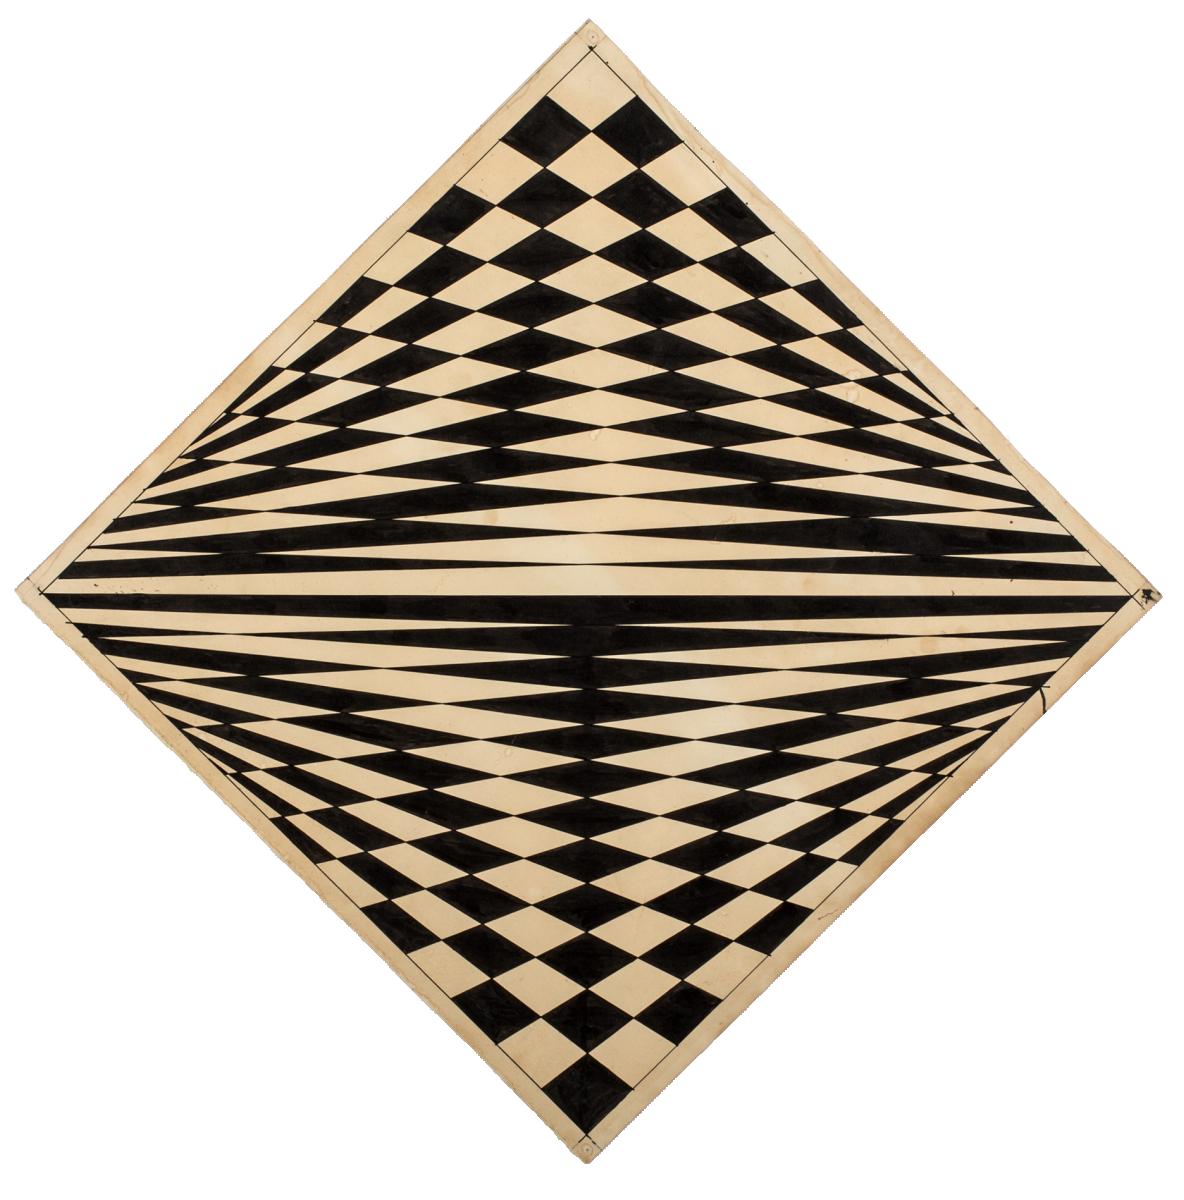 C14 25 DADAMAINO Diagonale WEB